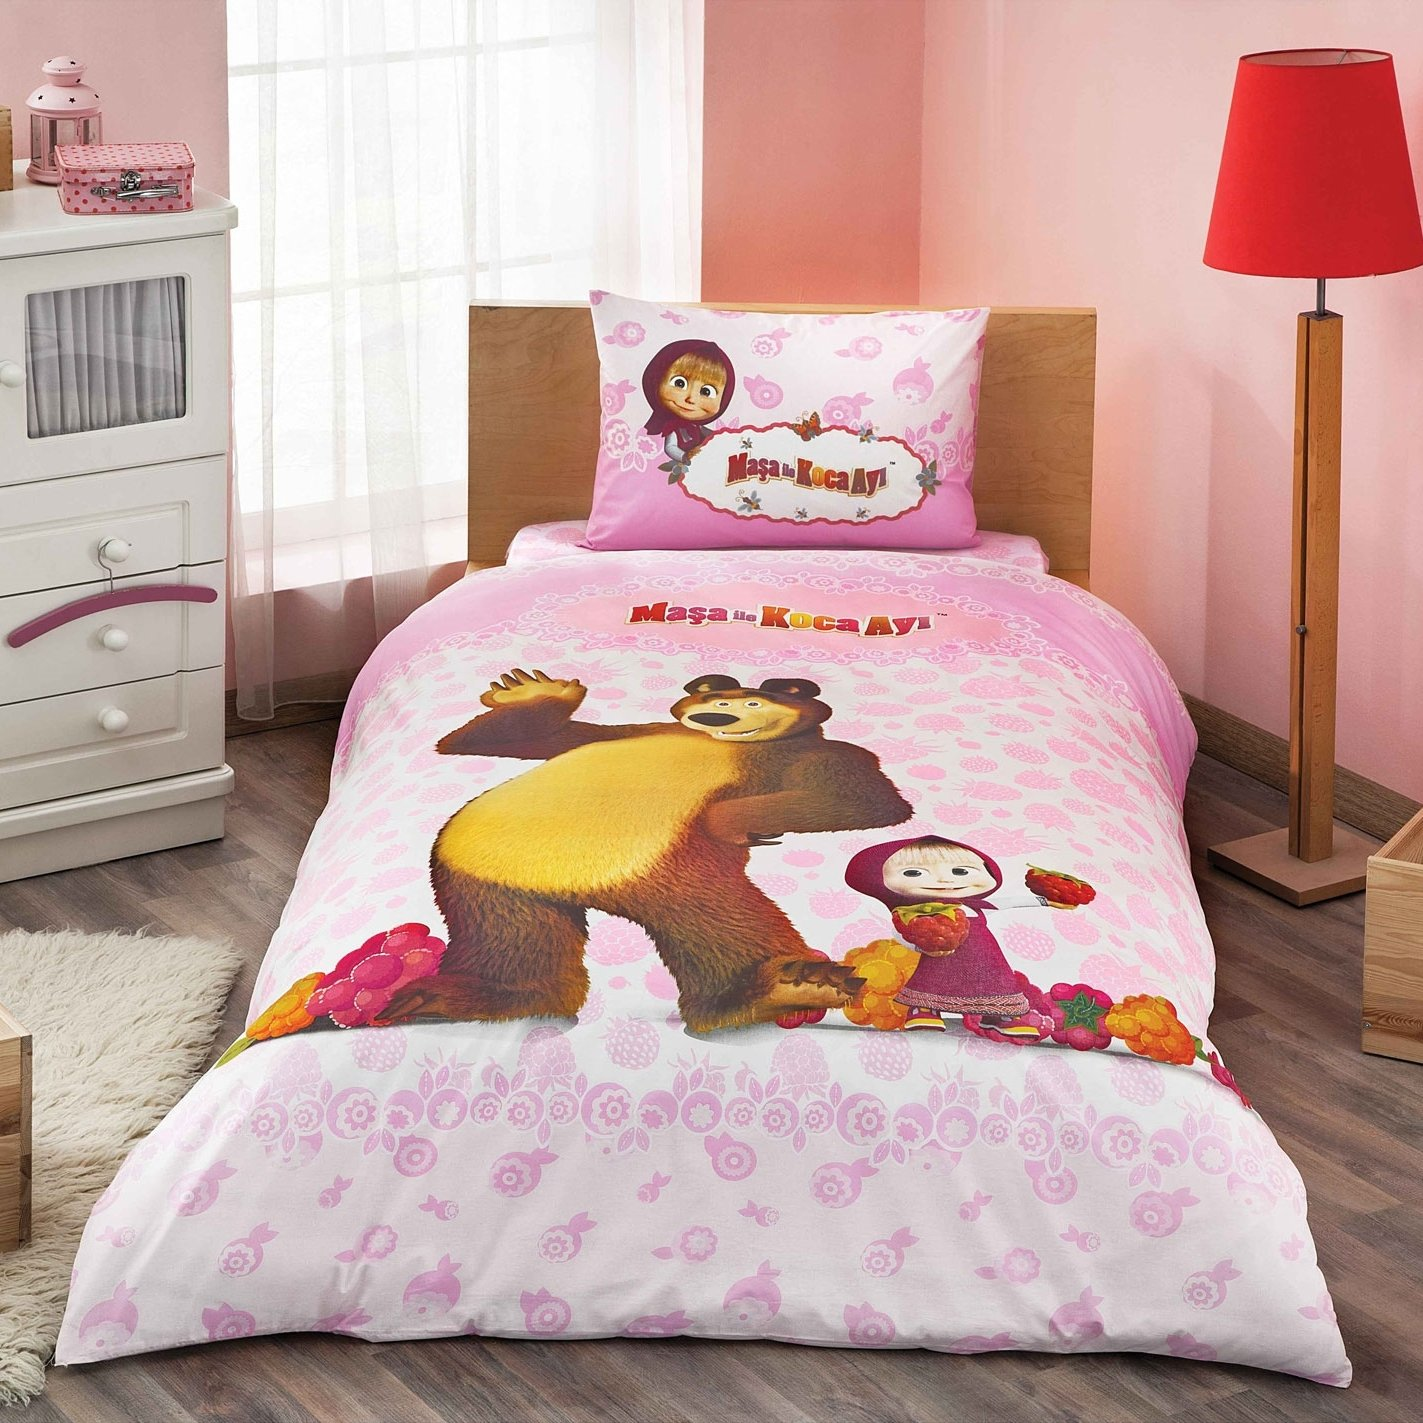 Mascha Und Der Bär Bettwäsche Schlafzimmer Wand Gestalten Grau